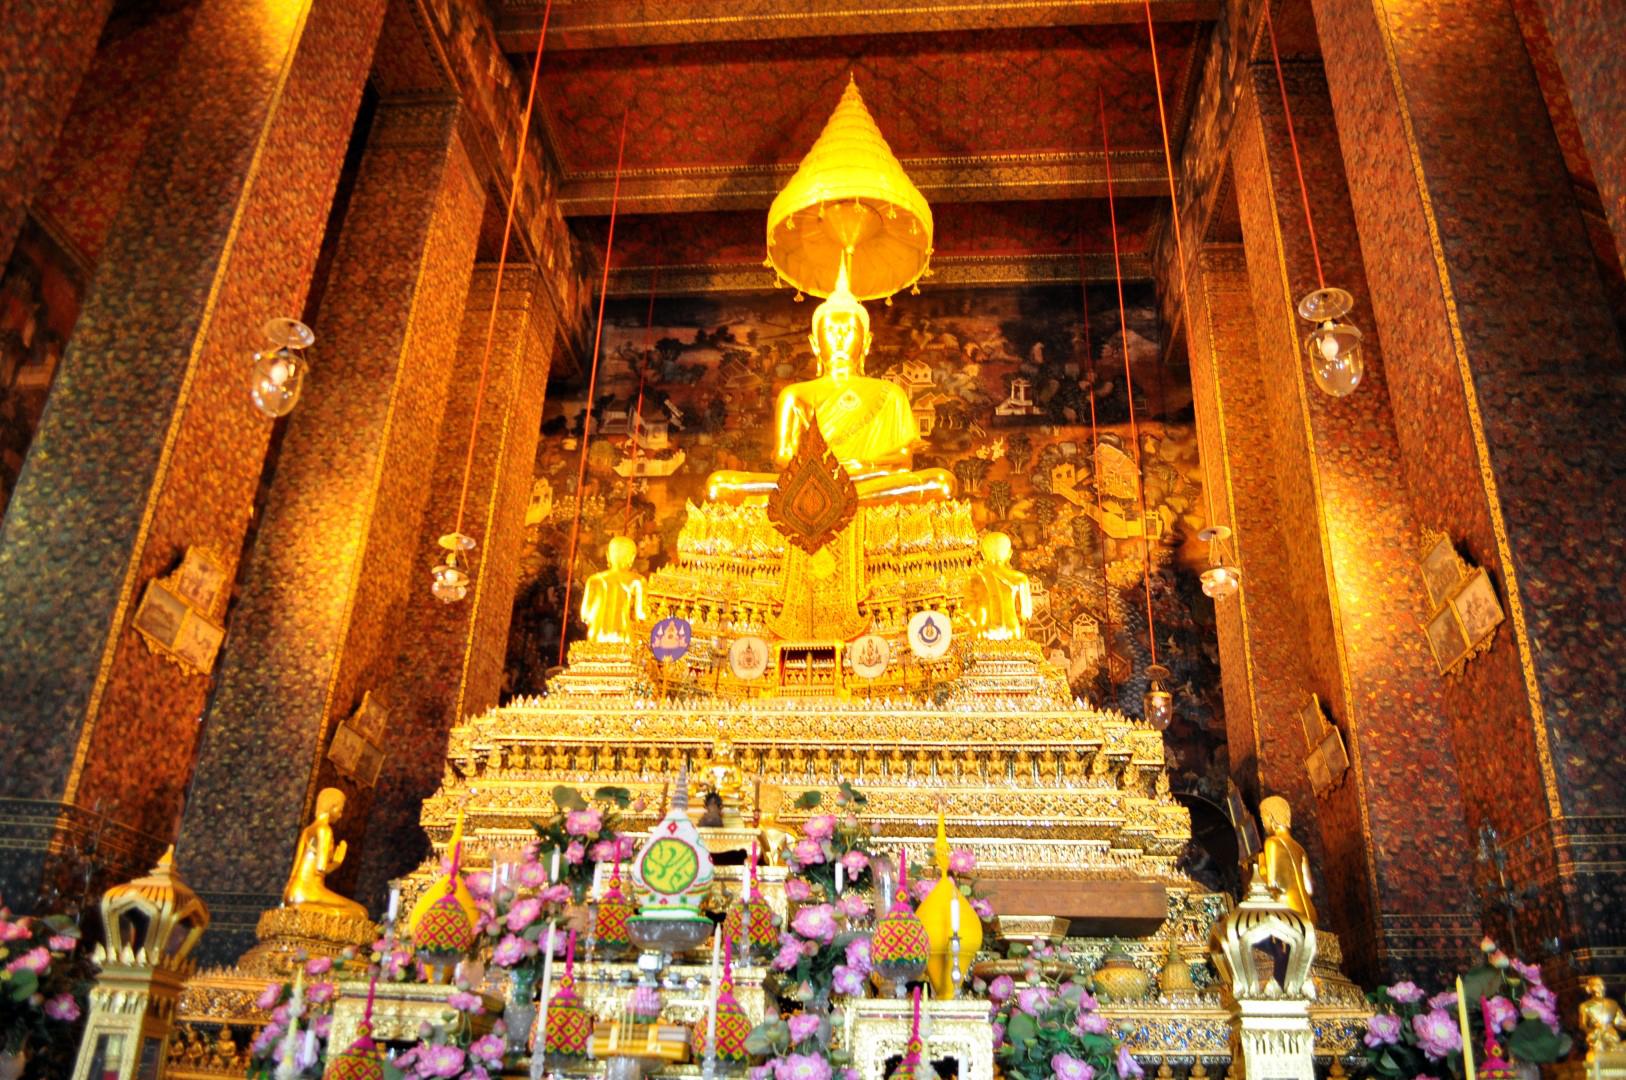 Qué hacer en Bangkok, qué ver en Bangkok, Tailandia qué hacer en bangkok - 39684319385 9ca32f7128 o - Qué hacer en Bangkok para descubrir su estilo de vida